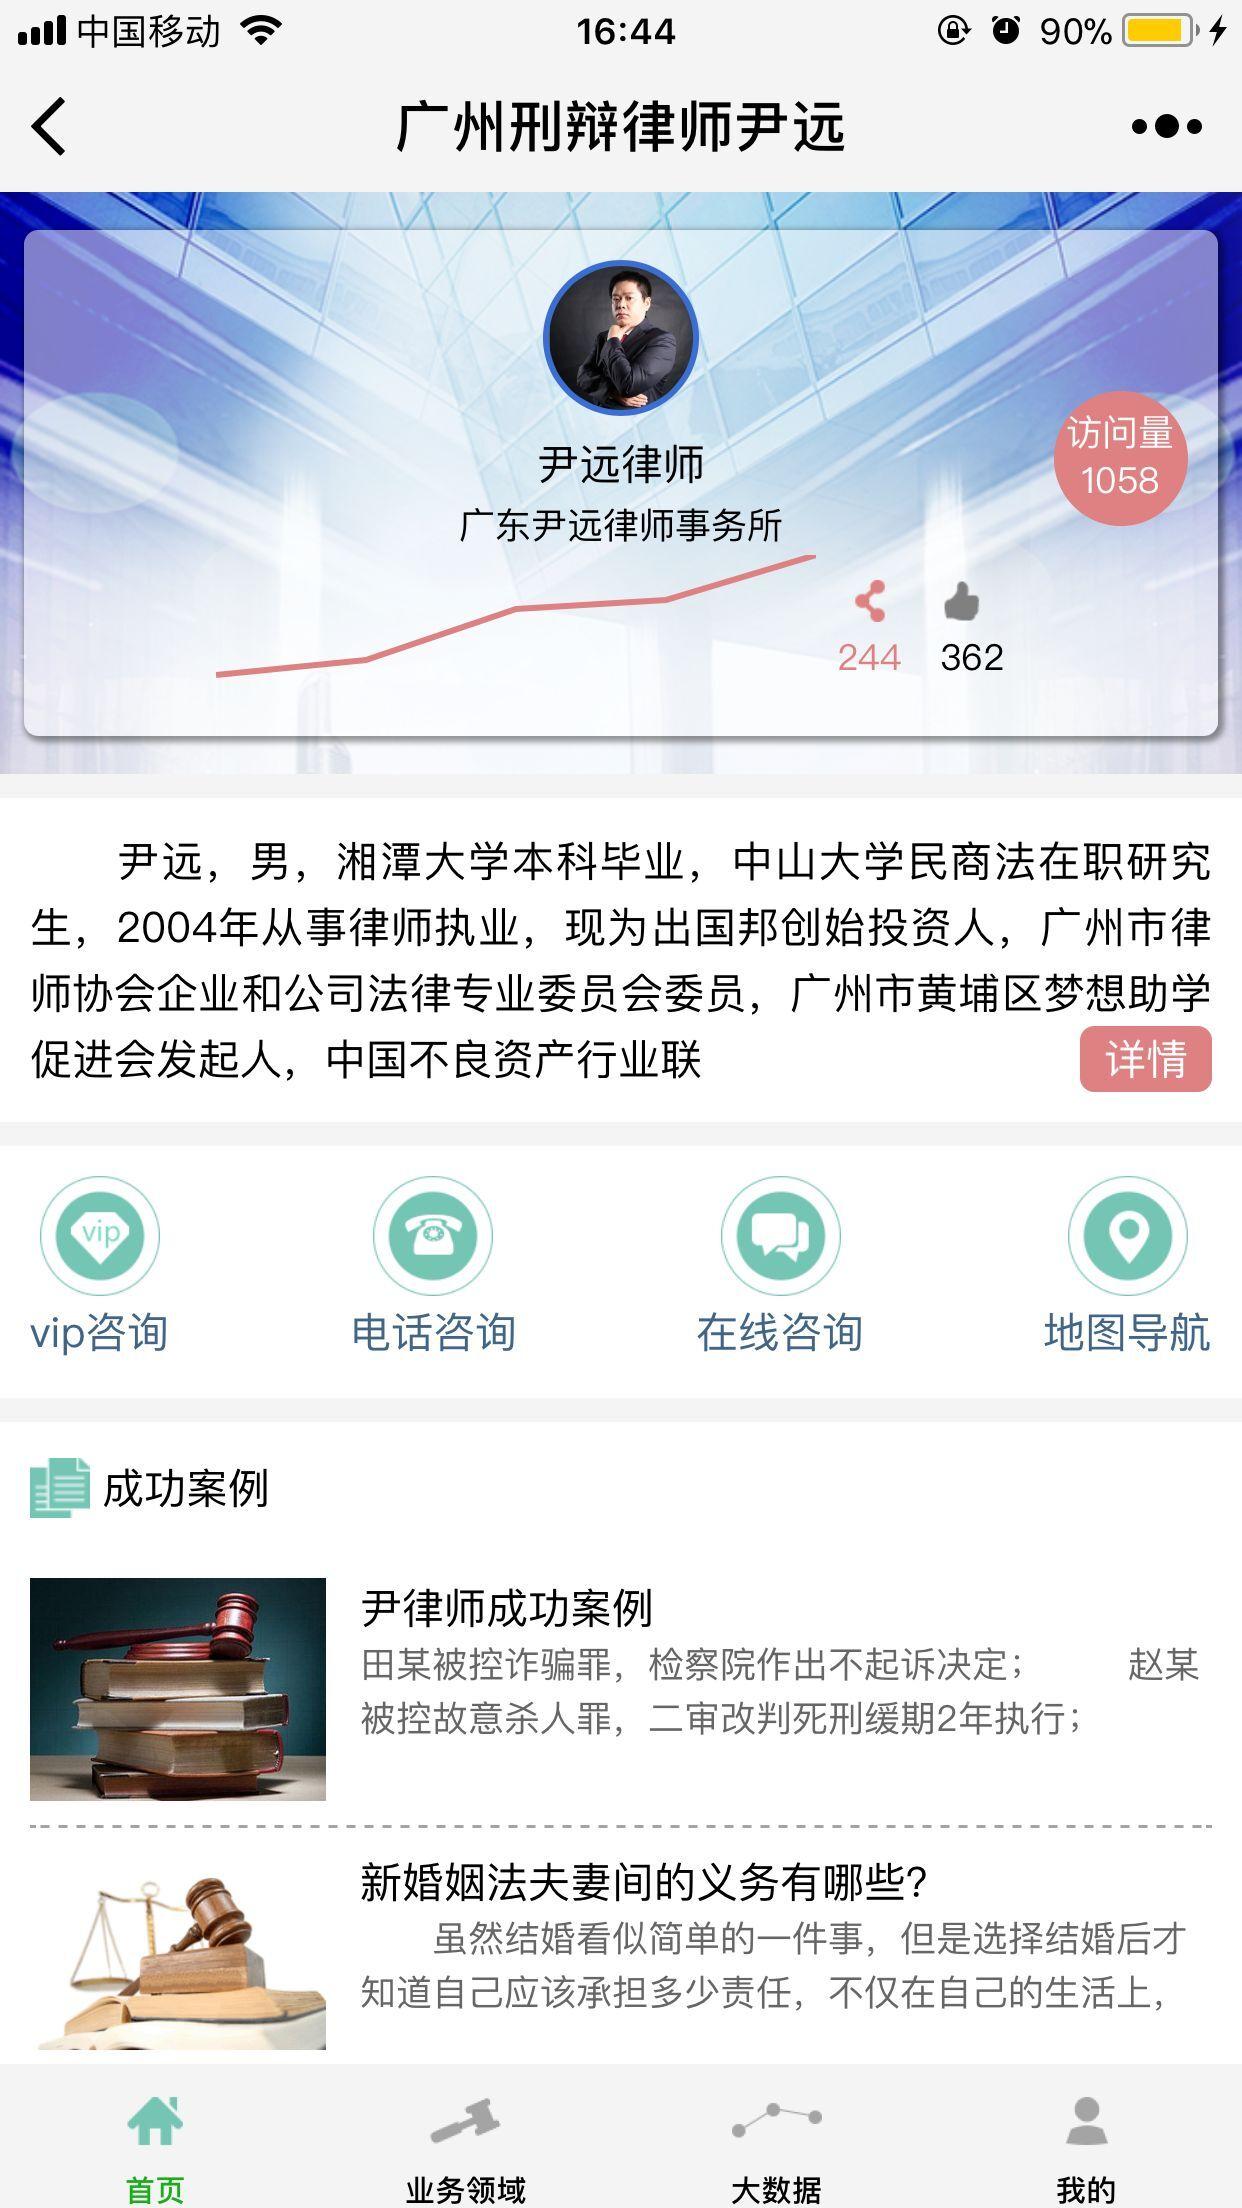 广州刑辩律师尹远小程序